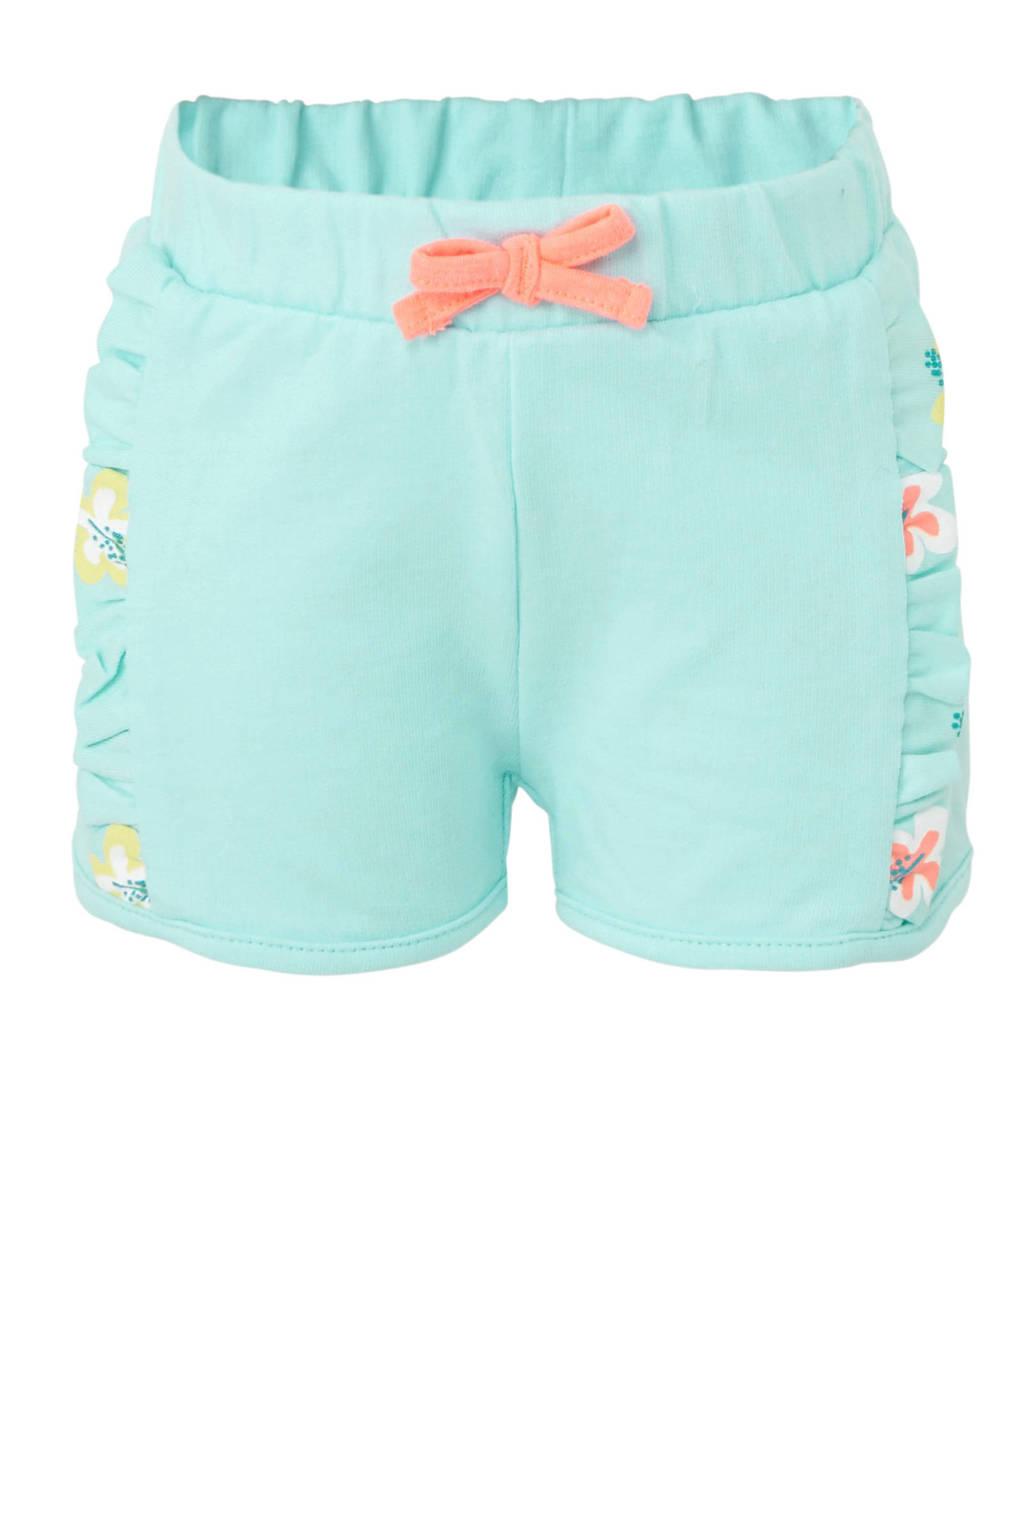 C&A Baby Club sweatshort lichtblauw, Lichtblauw